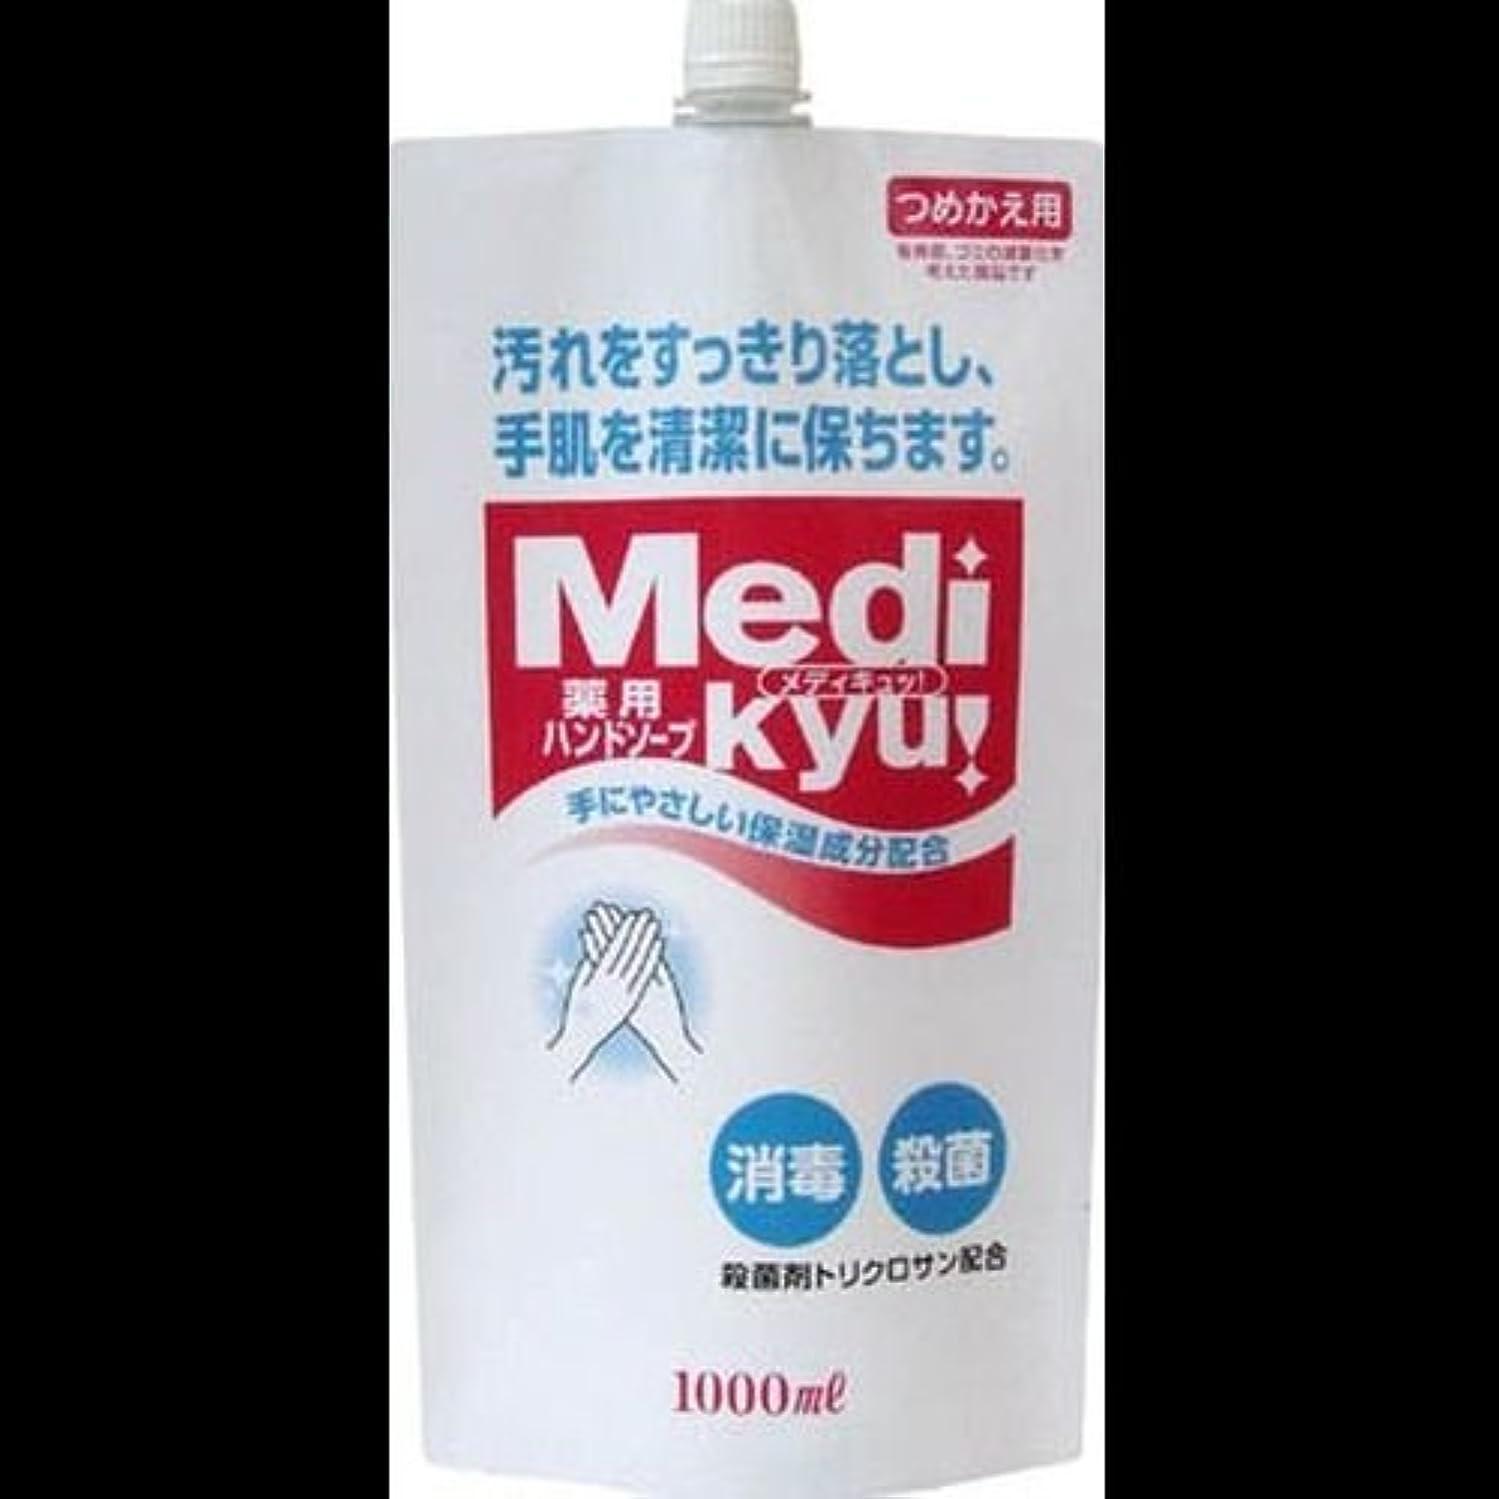 漂流生むディプロマ【まとめ買い】薬用ハンドソープ メディキュッ 詰替用 1000ml ×2セット